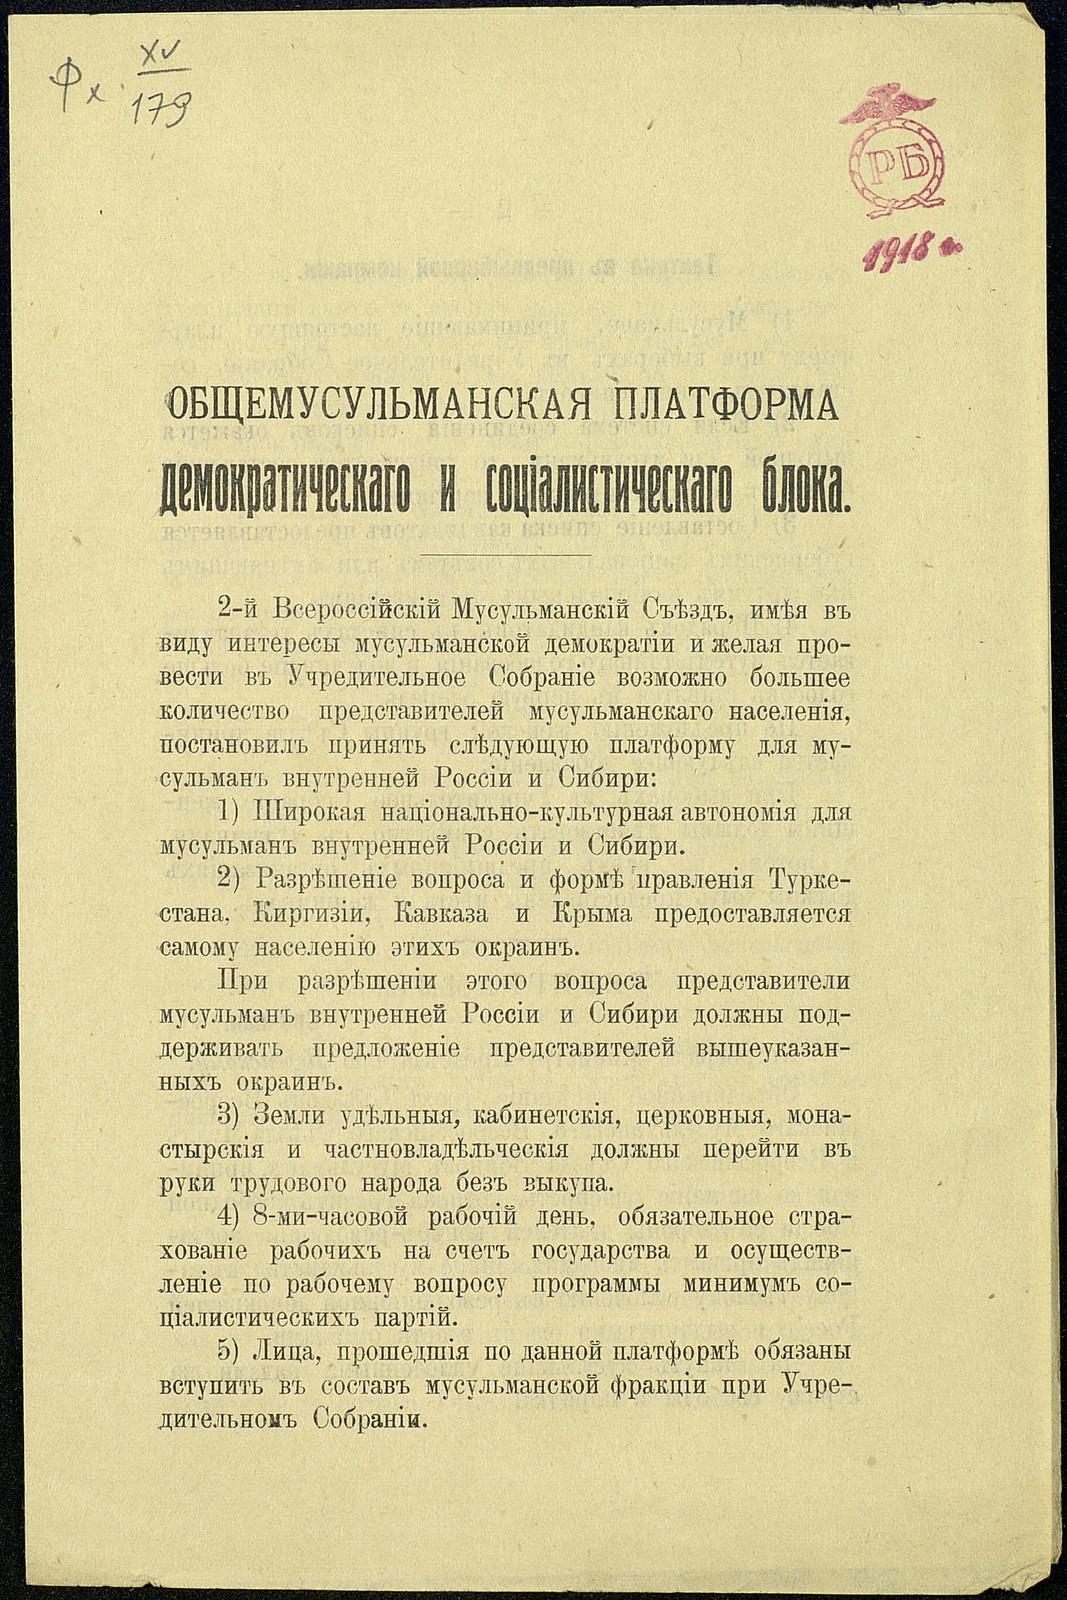 1917. Общемусульманская платформа демократического и социалистического блока_Страница_1